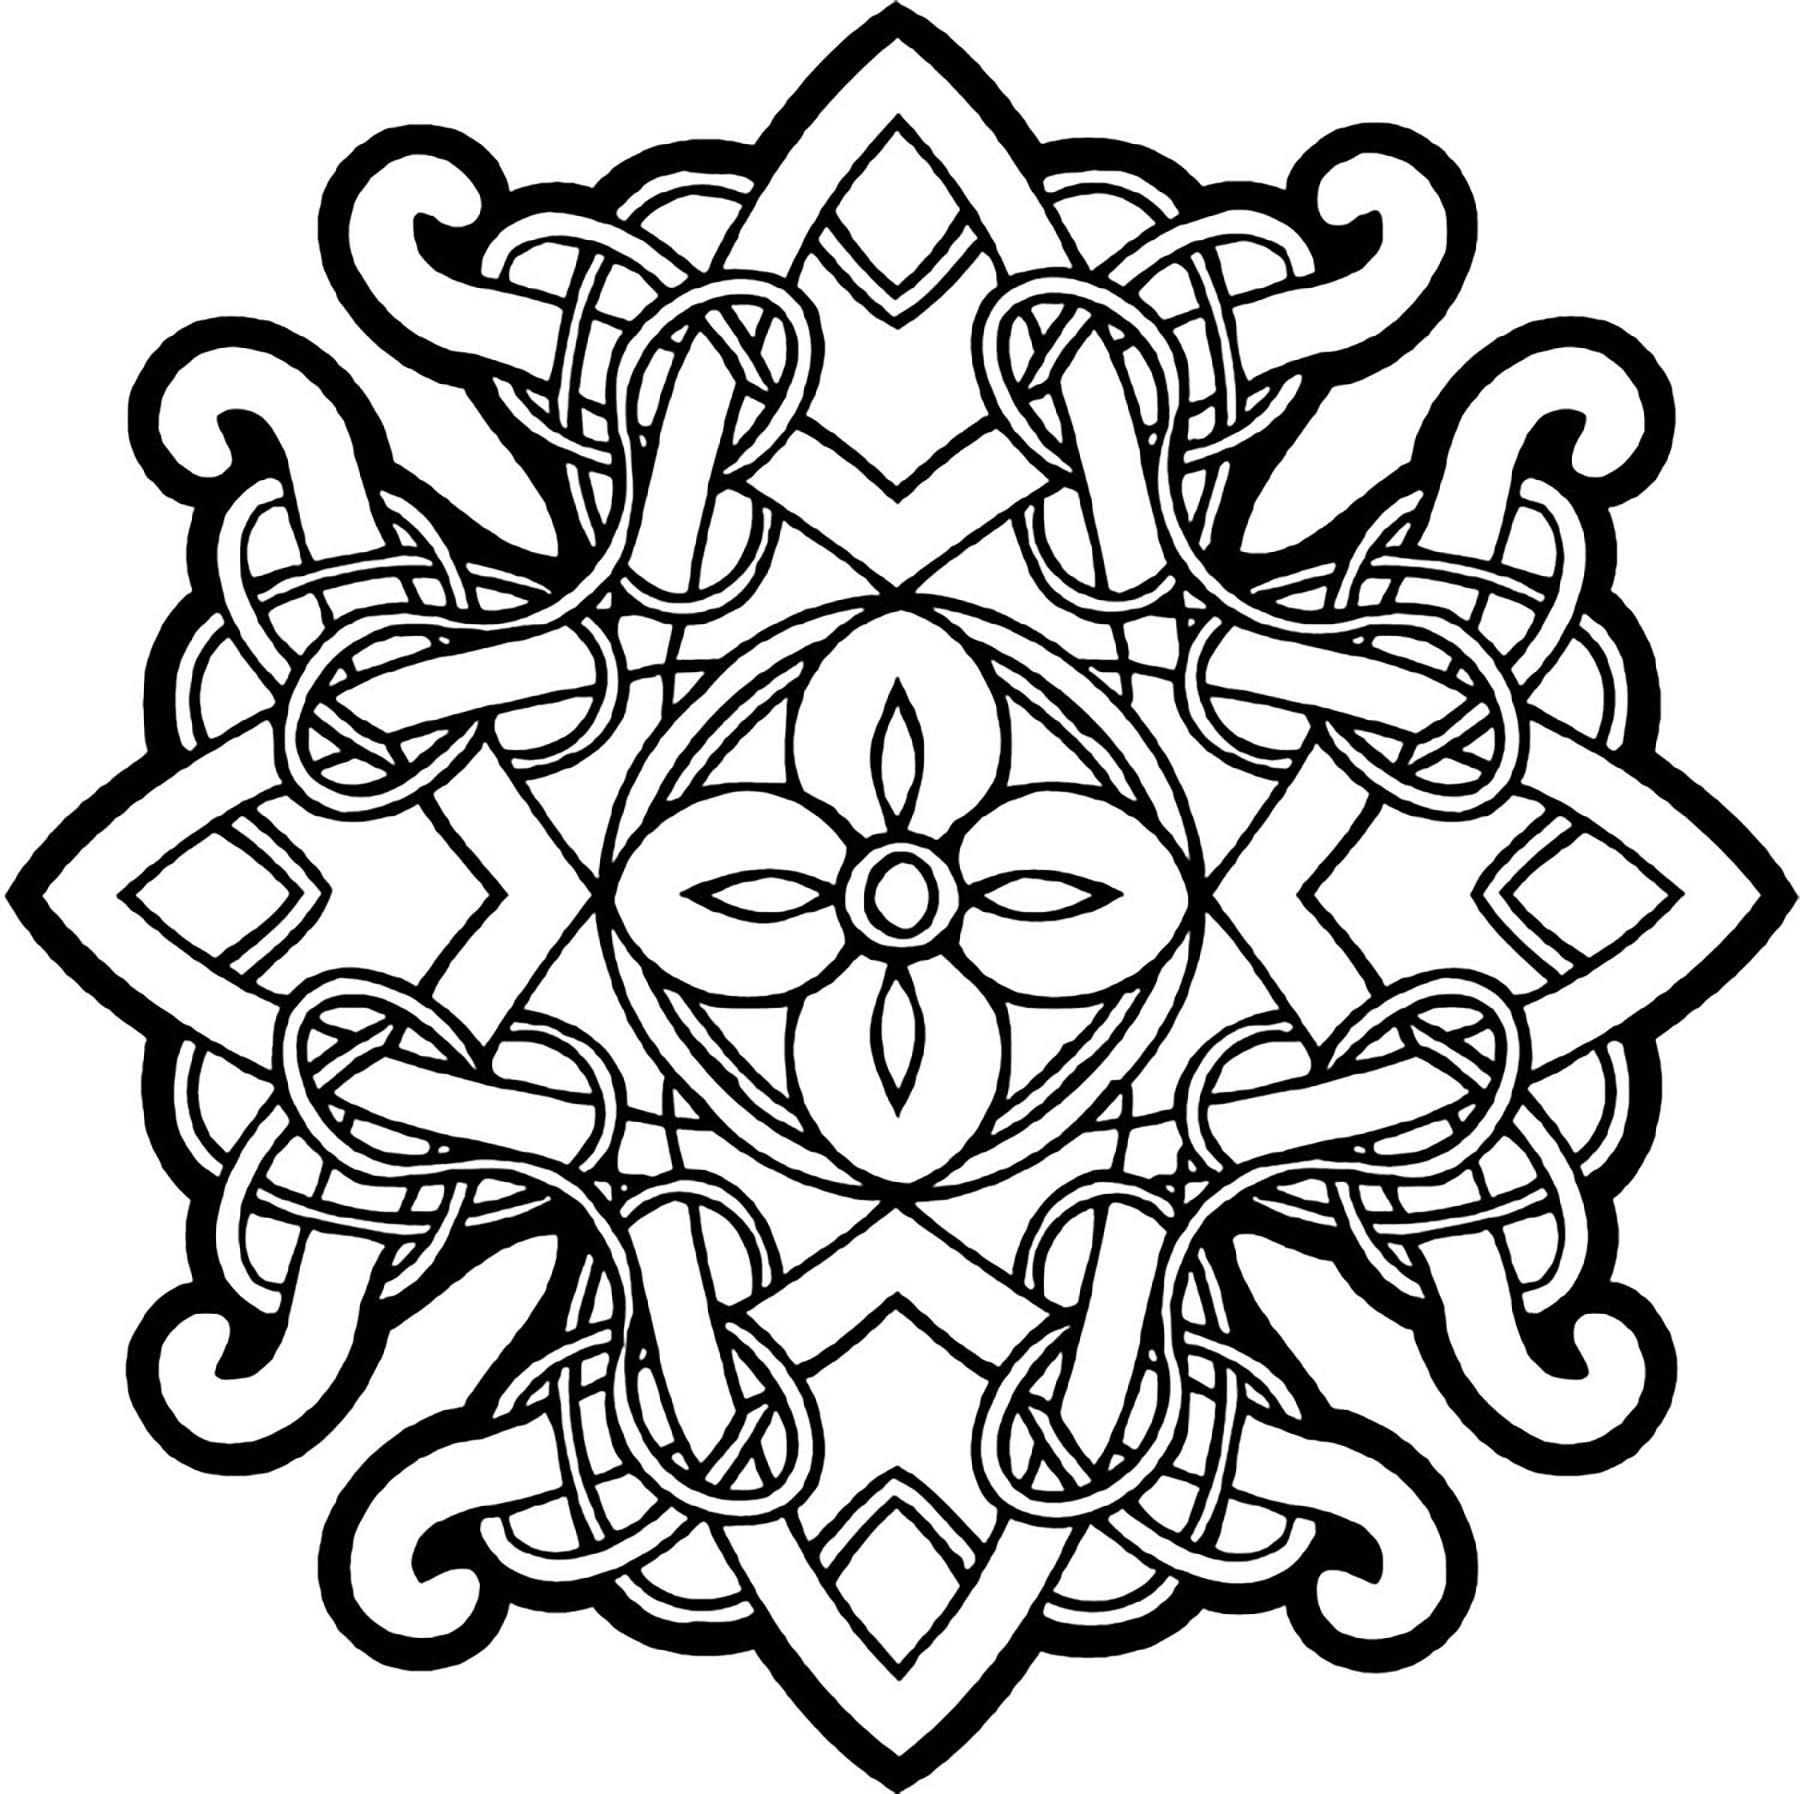 Celtic Mandala 23 - Simple Mandalas - 100% Mandalas Zen ...